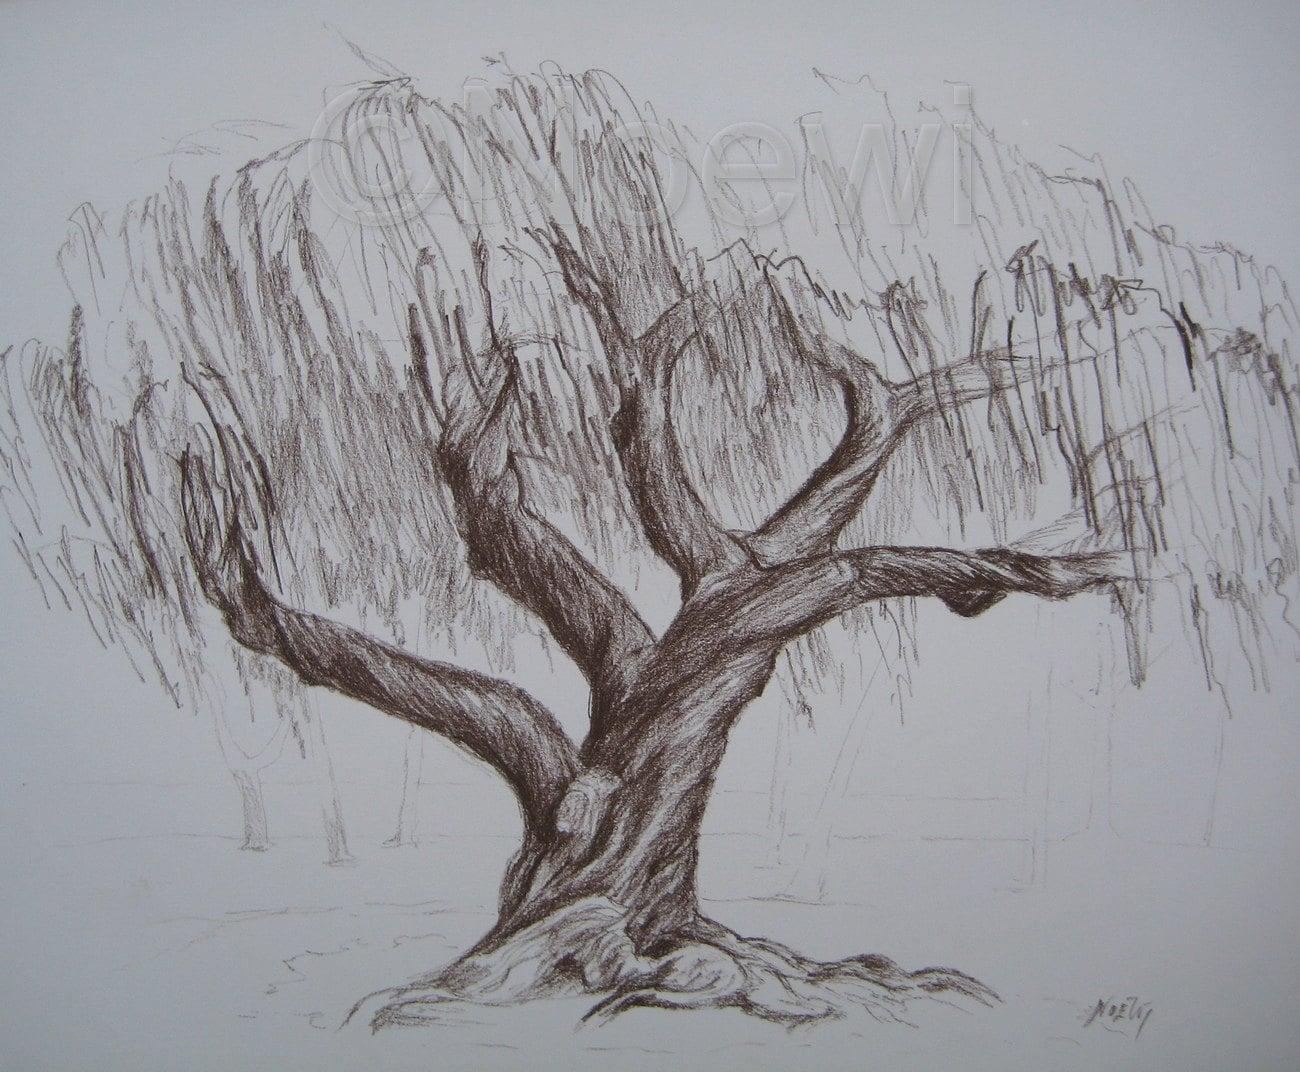 Tordu dessin arbre original par noewi croquis nature paysage - Croquis arbre ...